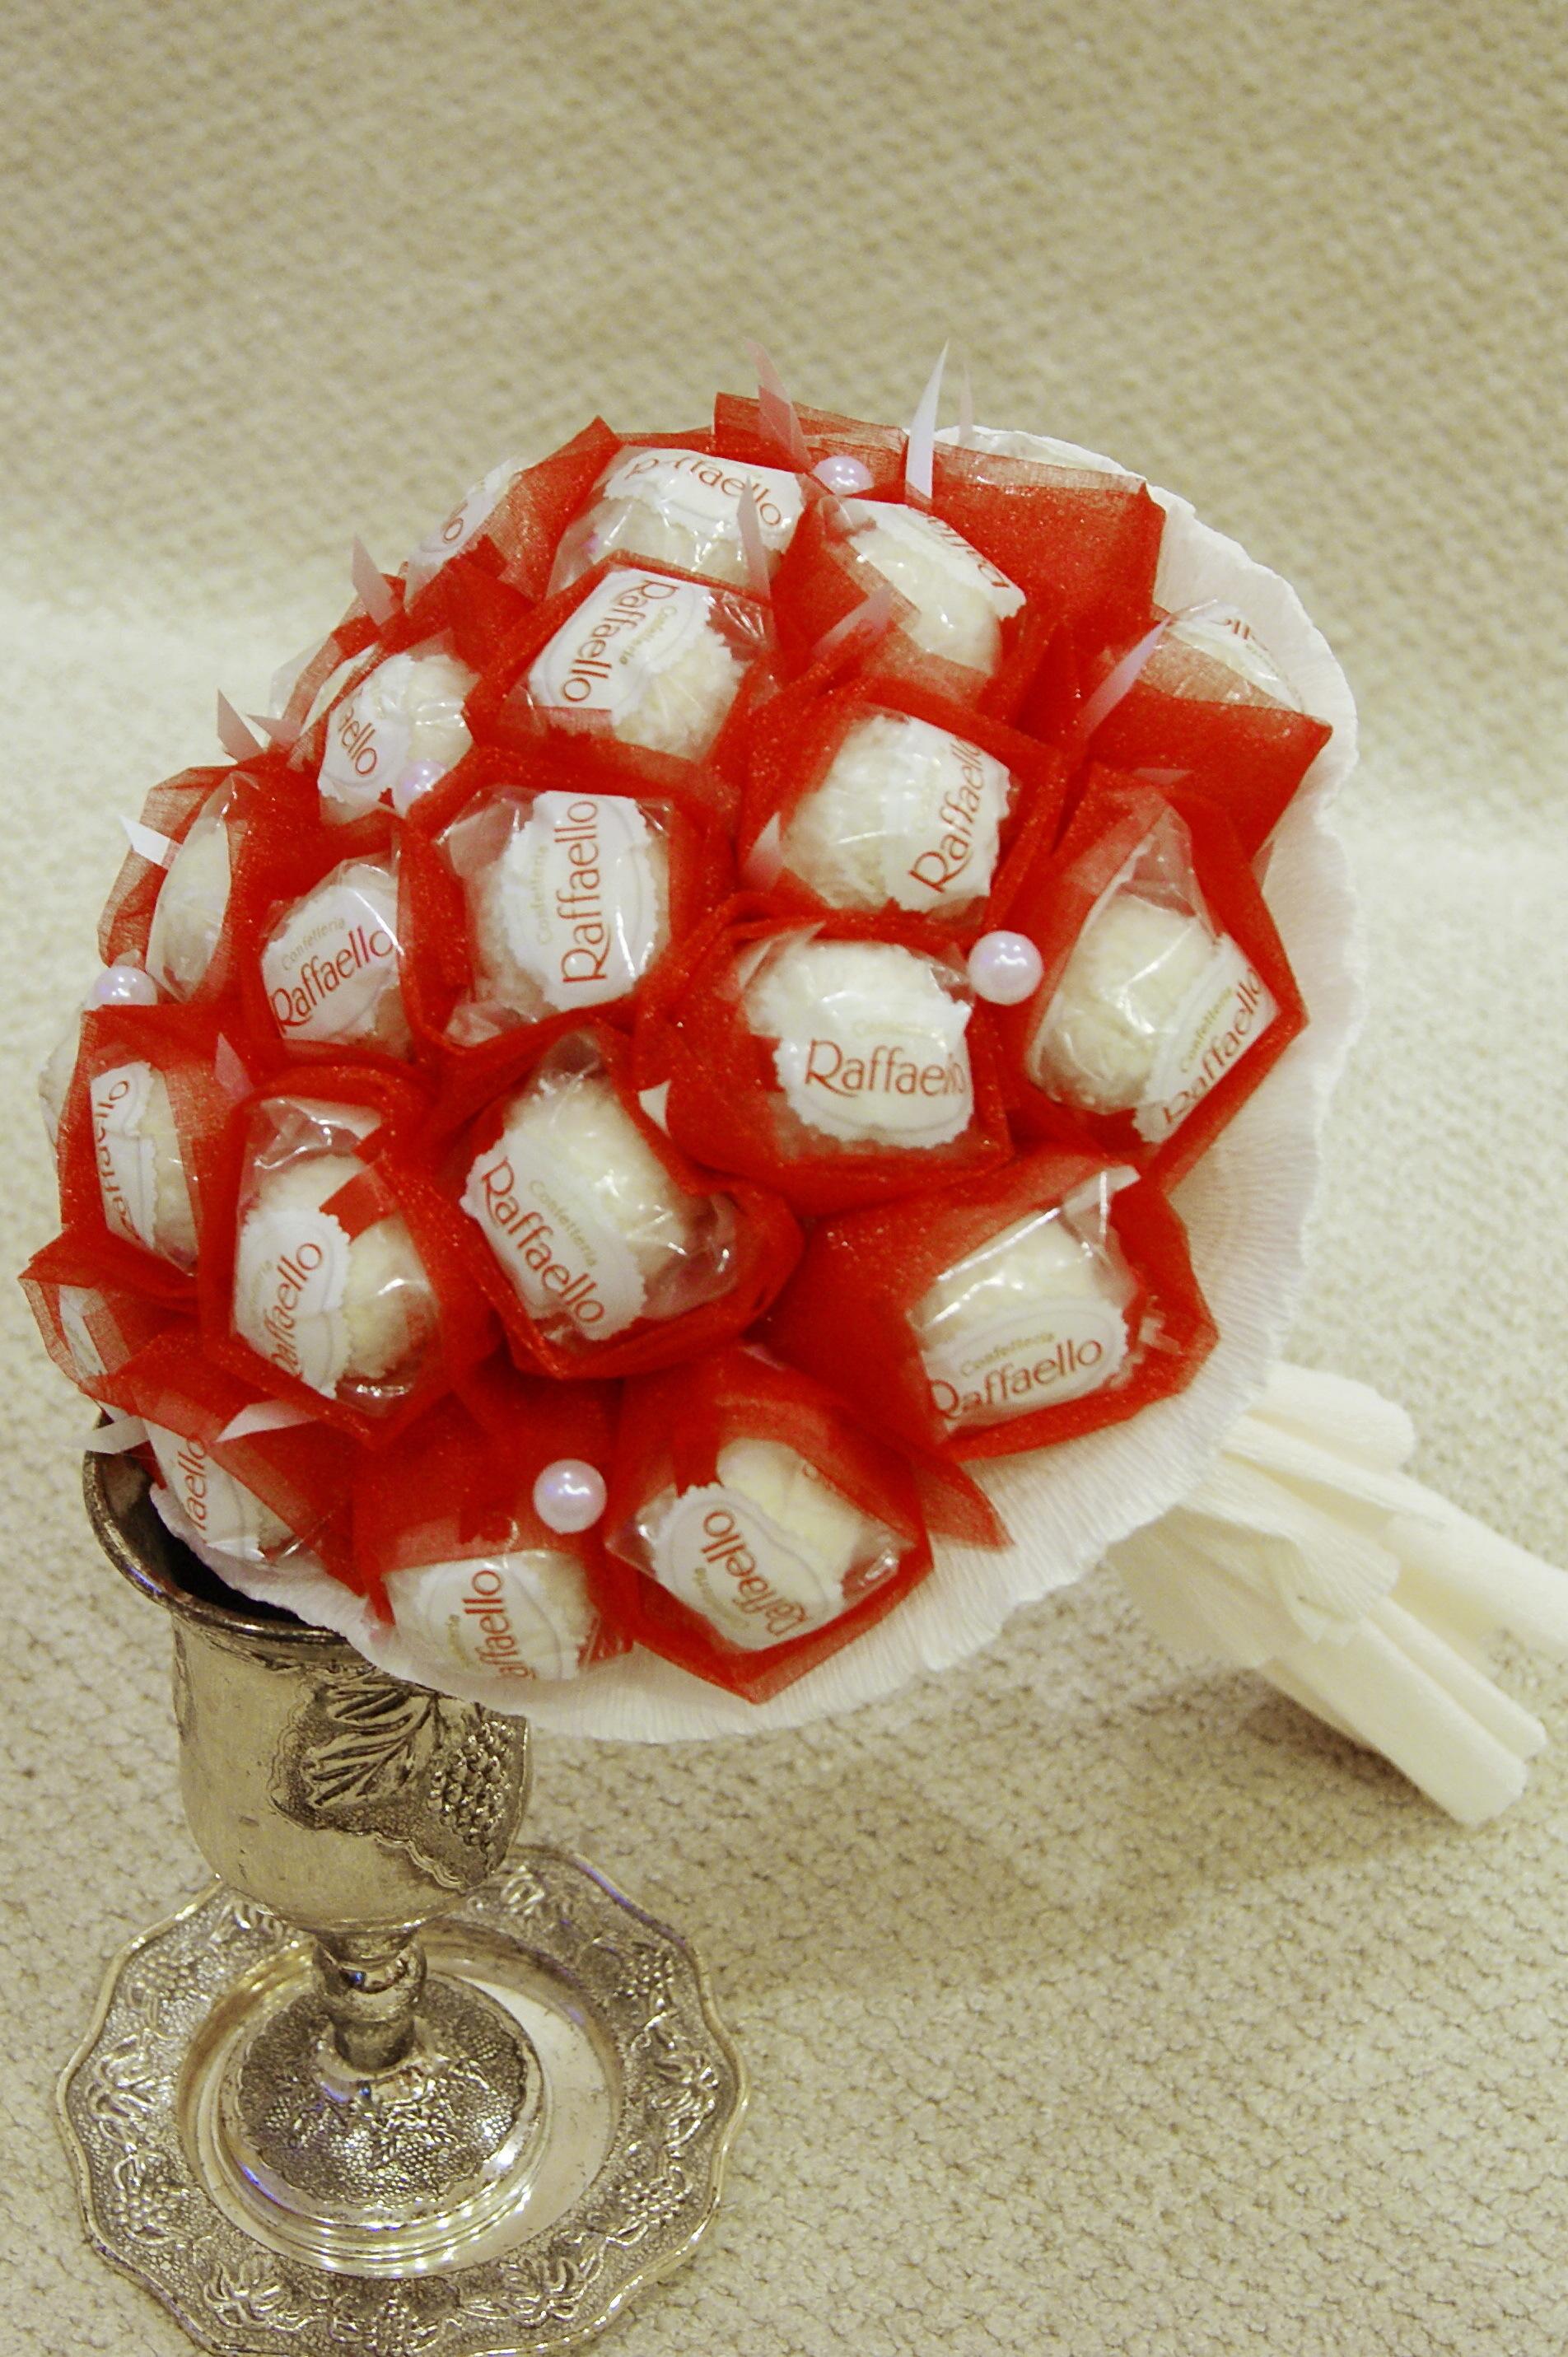 Букет из конфет Раффаэлло. Мастер-класс с пошаговыми фото 14